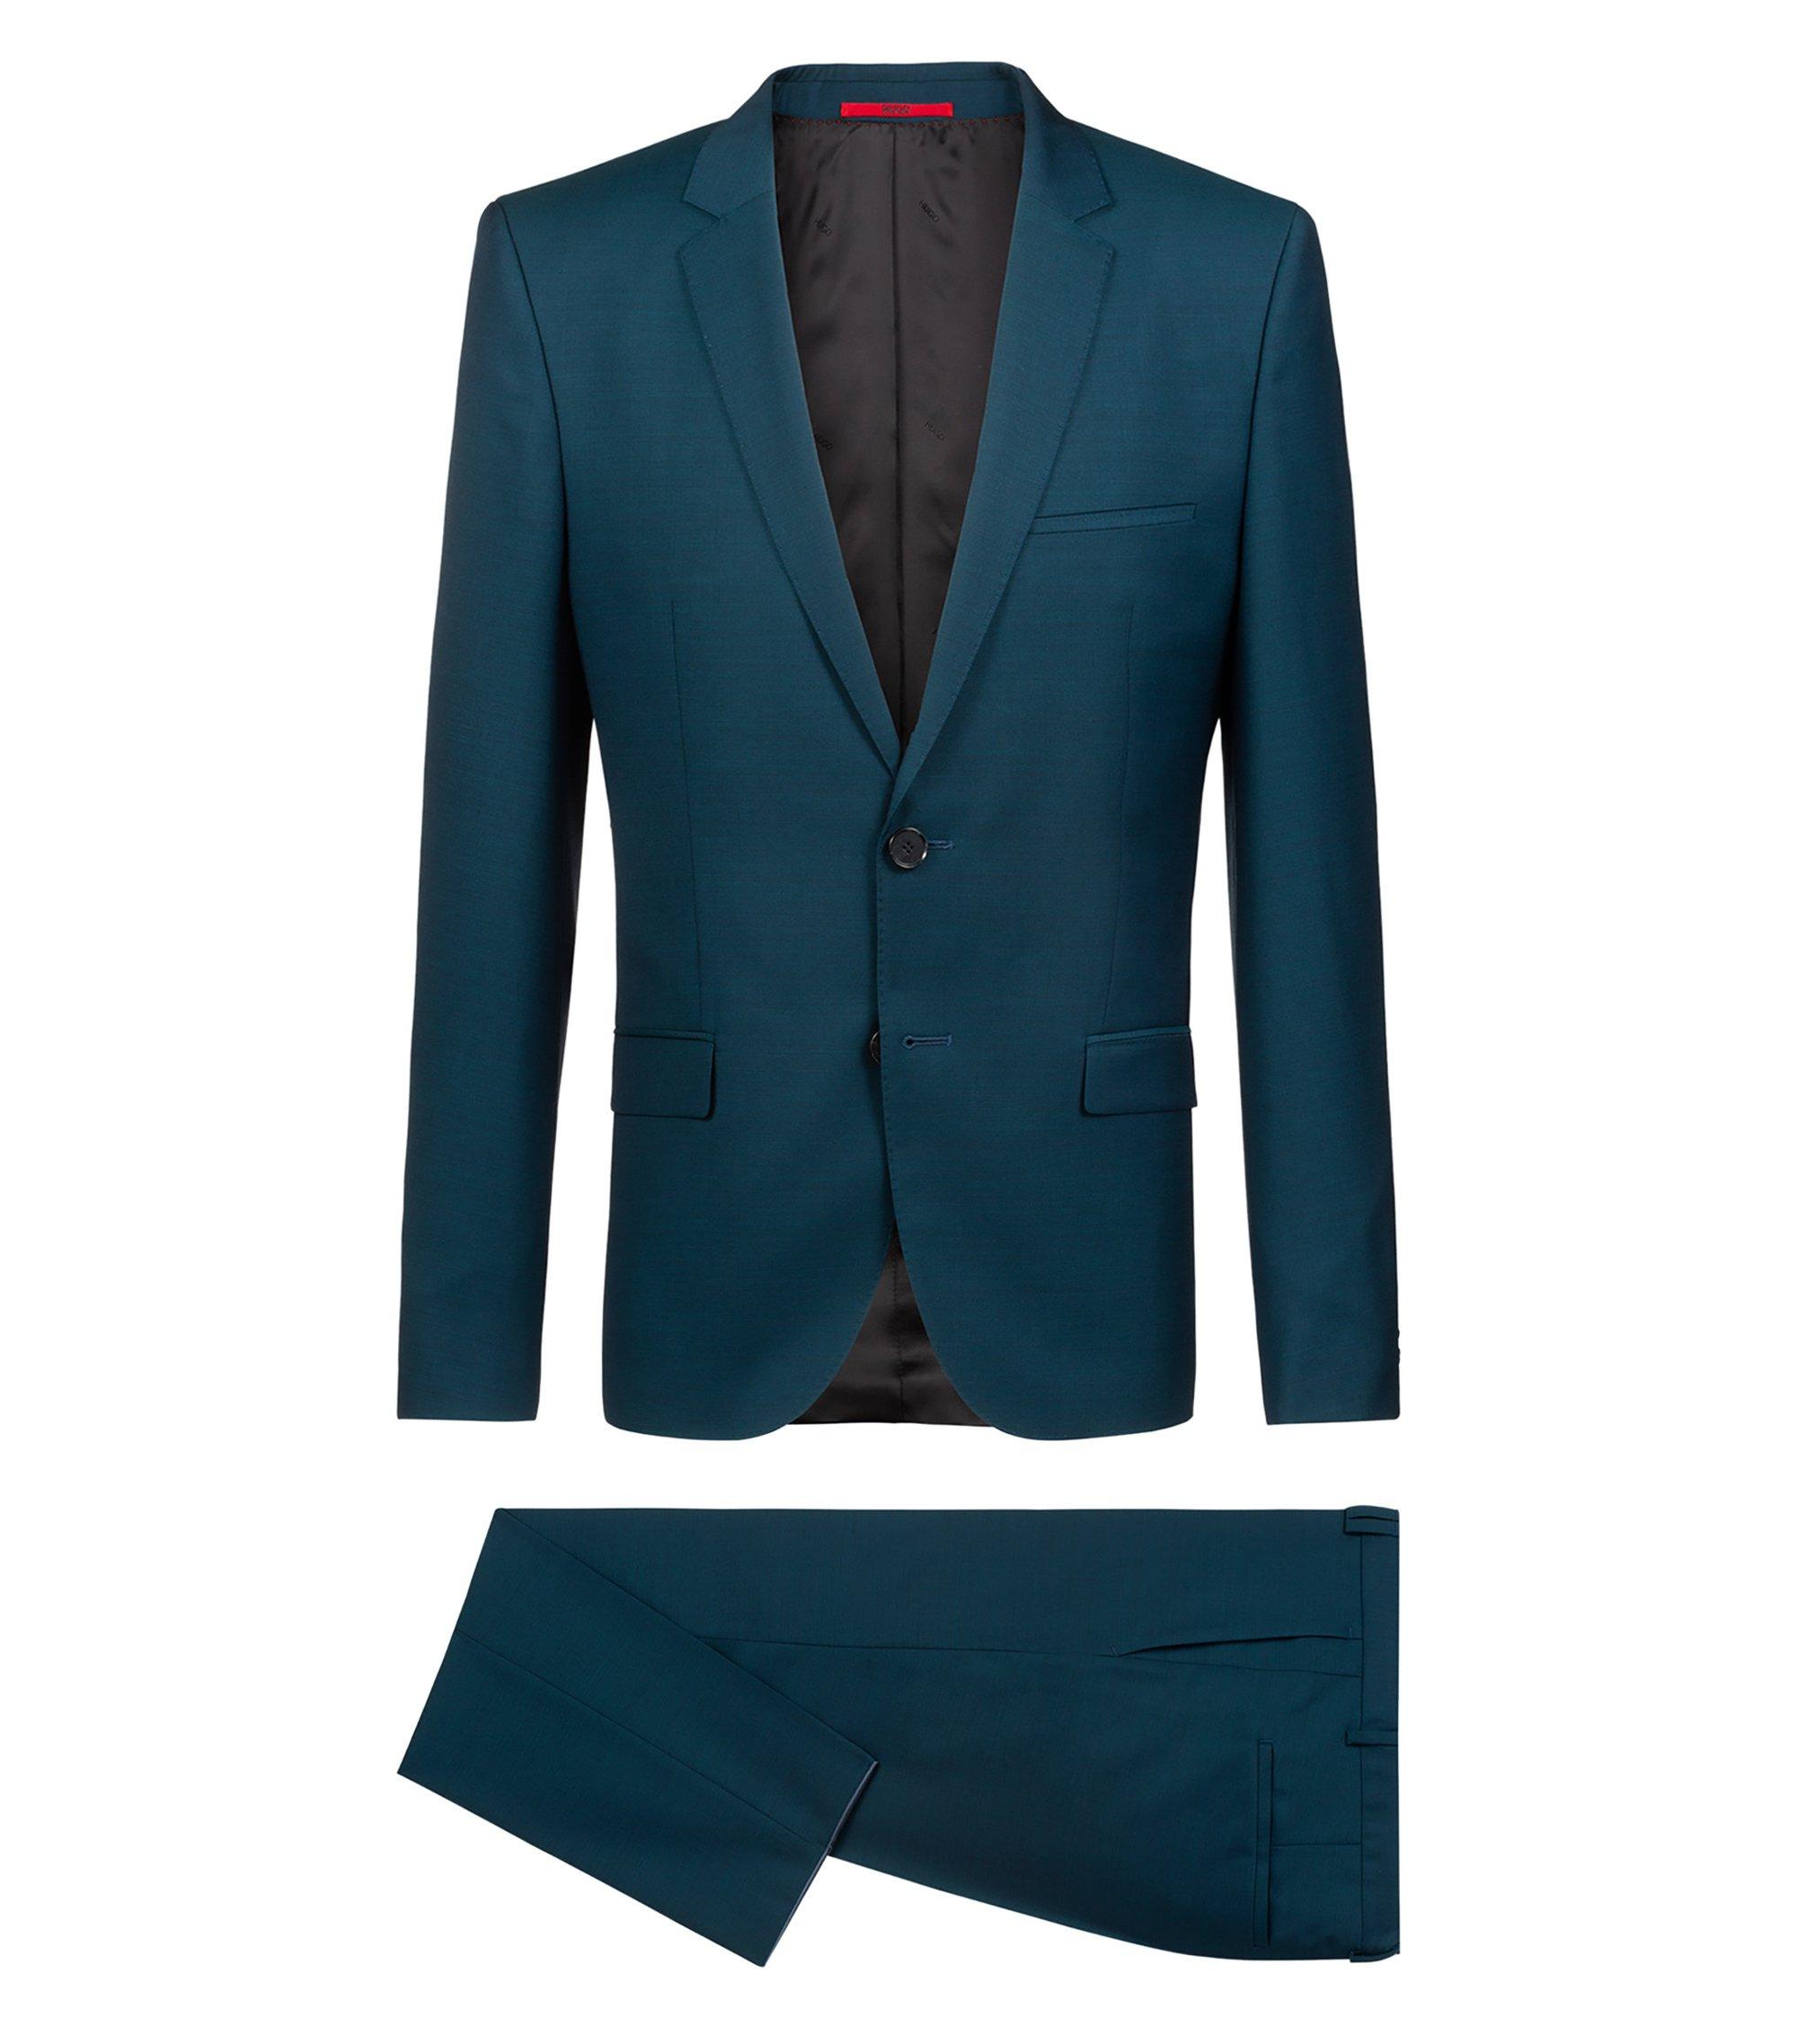 Extra Slim-Fit Anzug aus meliertem Schurwoll-Twill, Dunkelgrün